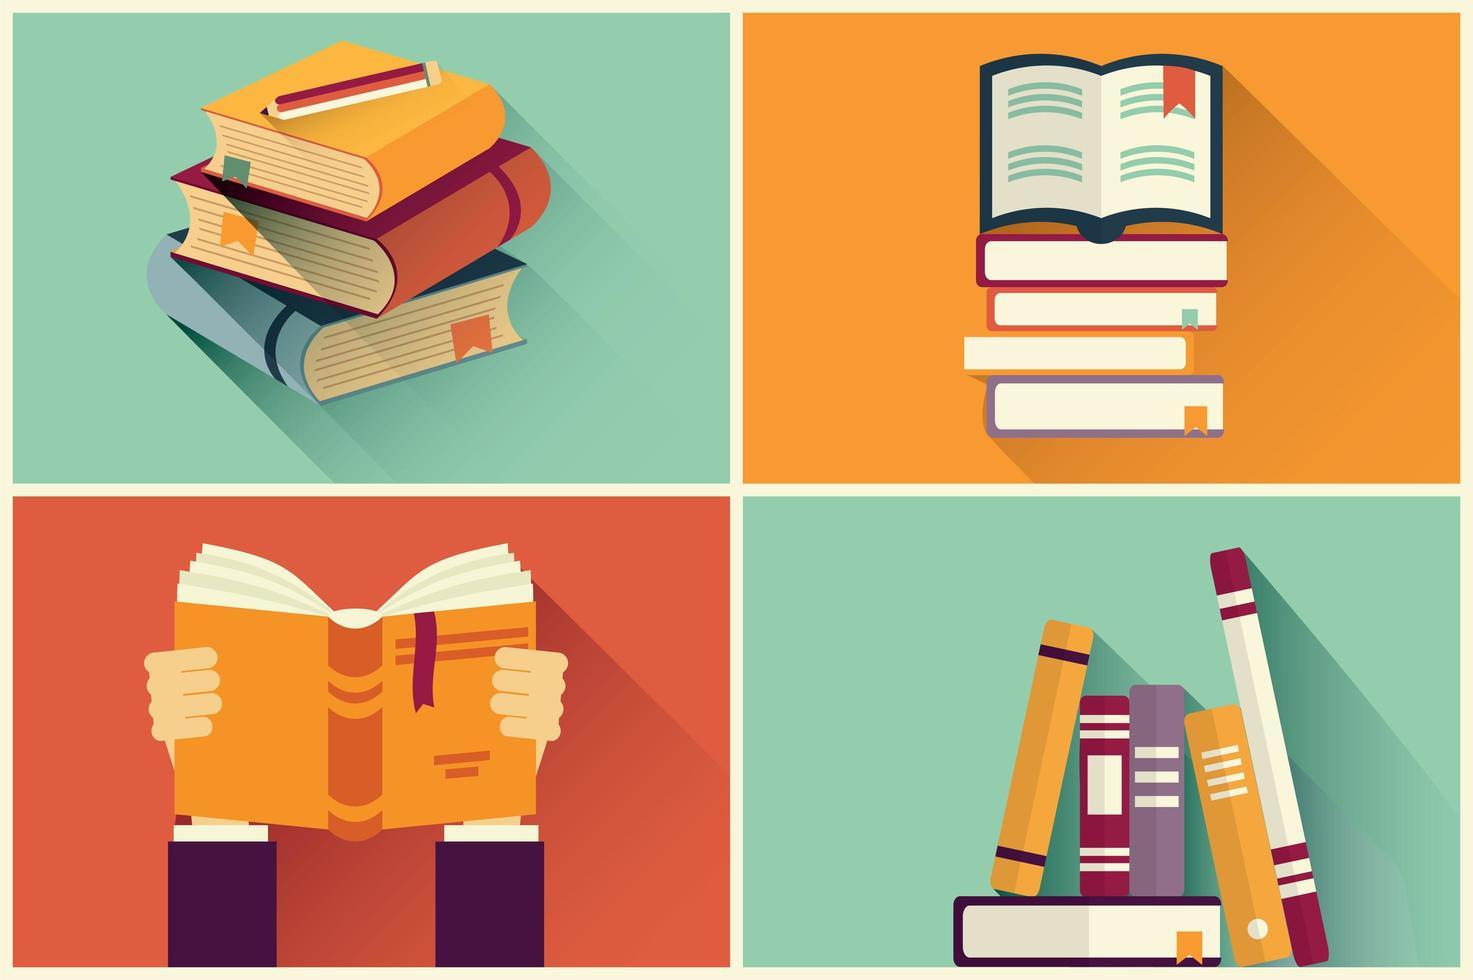 Satz Bücher im flachen Design vektor